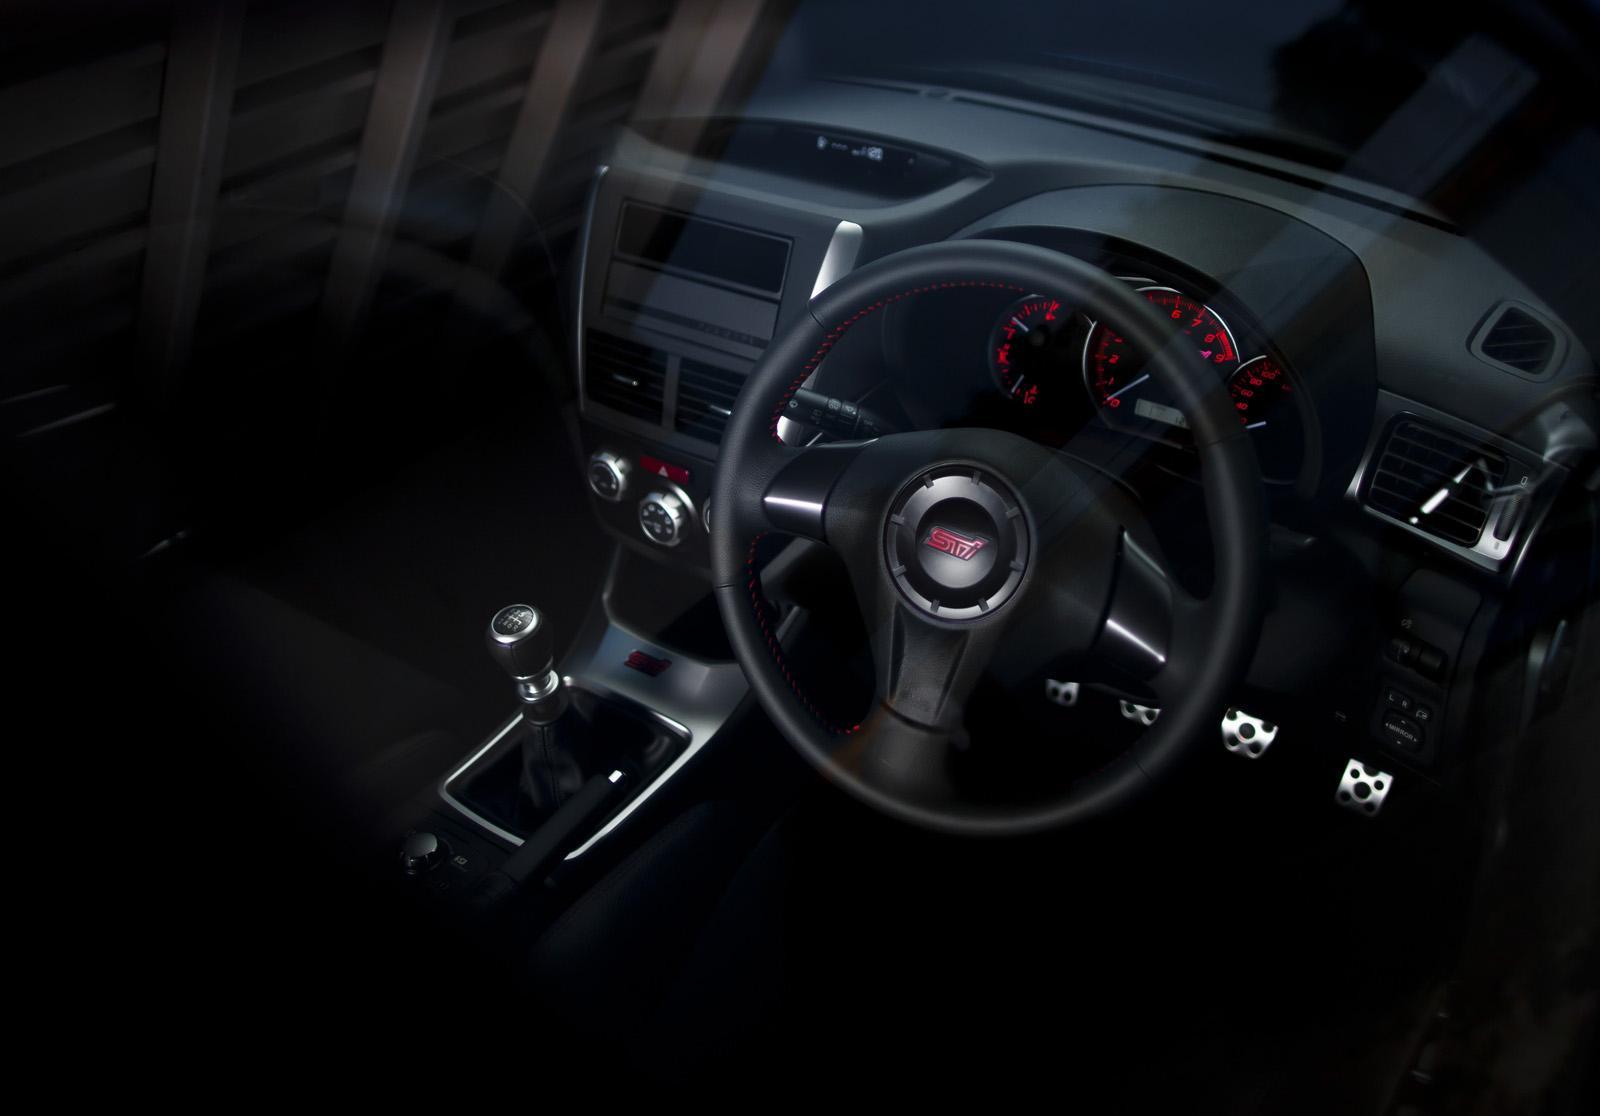 2011 Subaru Impreza WRX STI Spec C - фотография №6